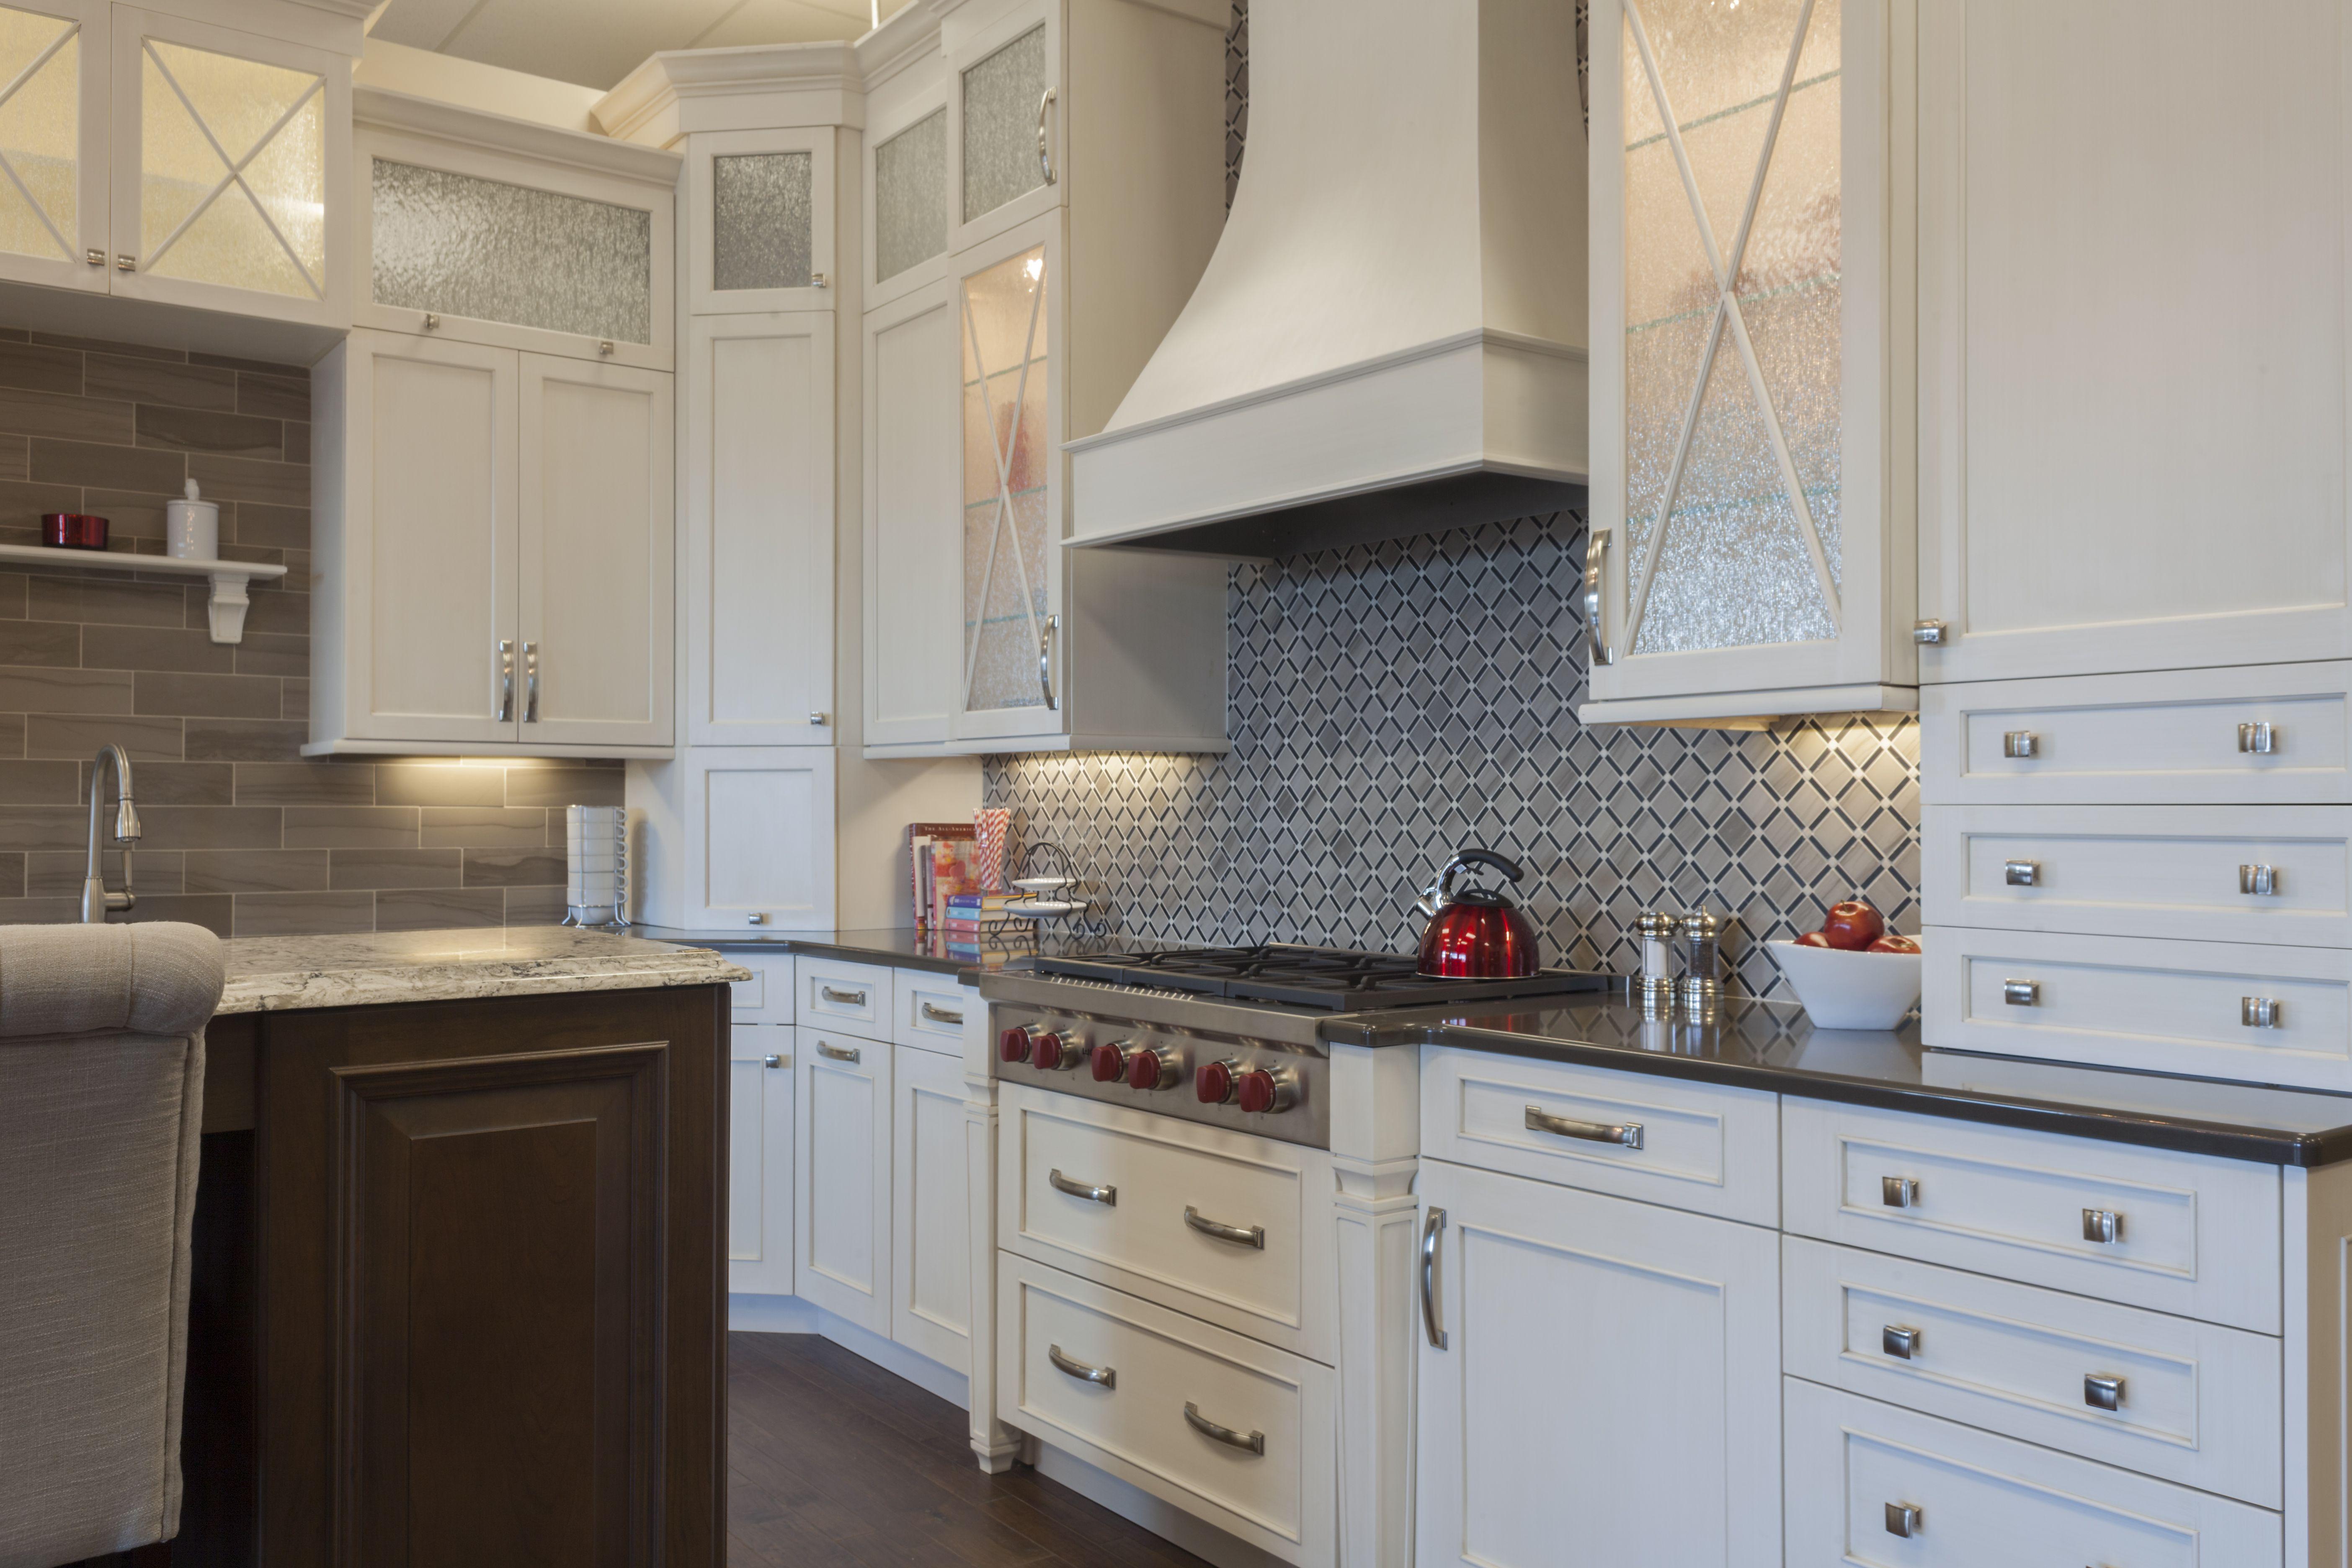 Markraft Design Center Kitchen Inspirations Home Remodeling Cabinet Design